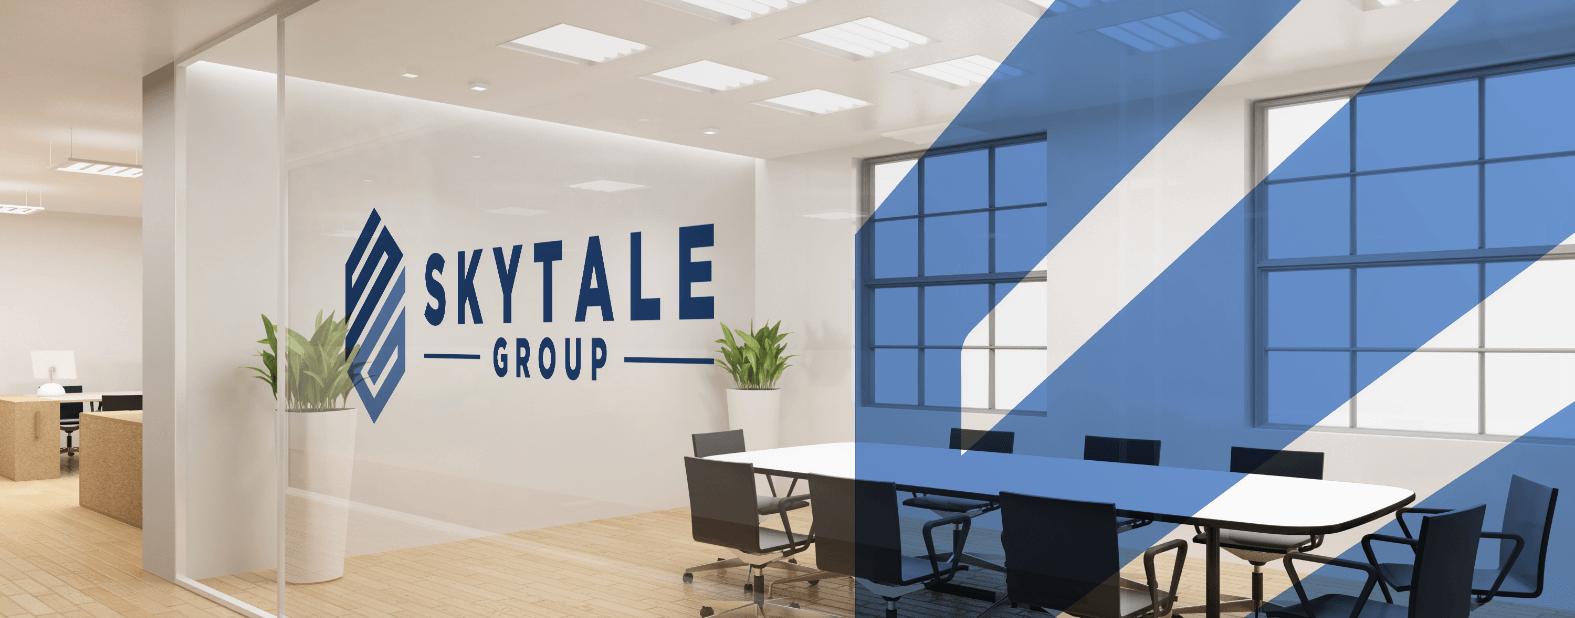 skytale-group